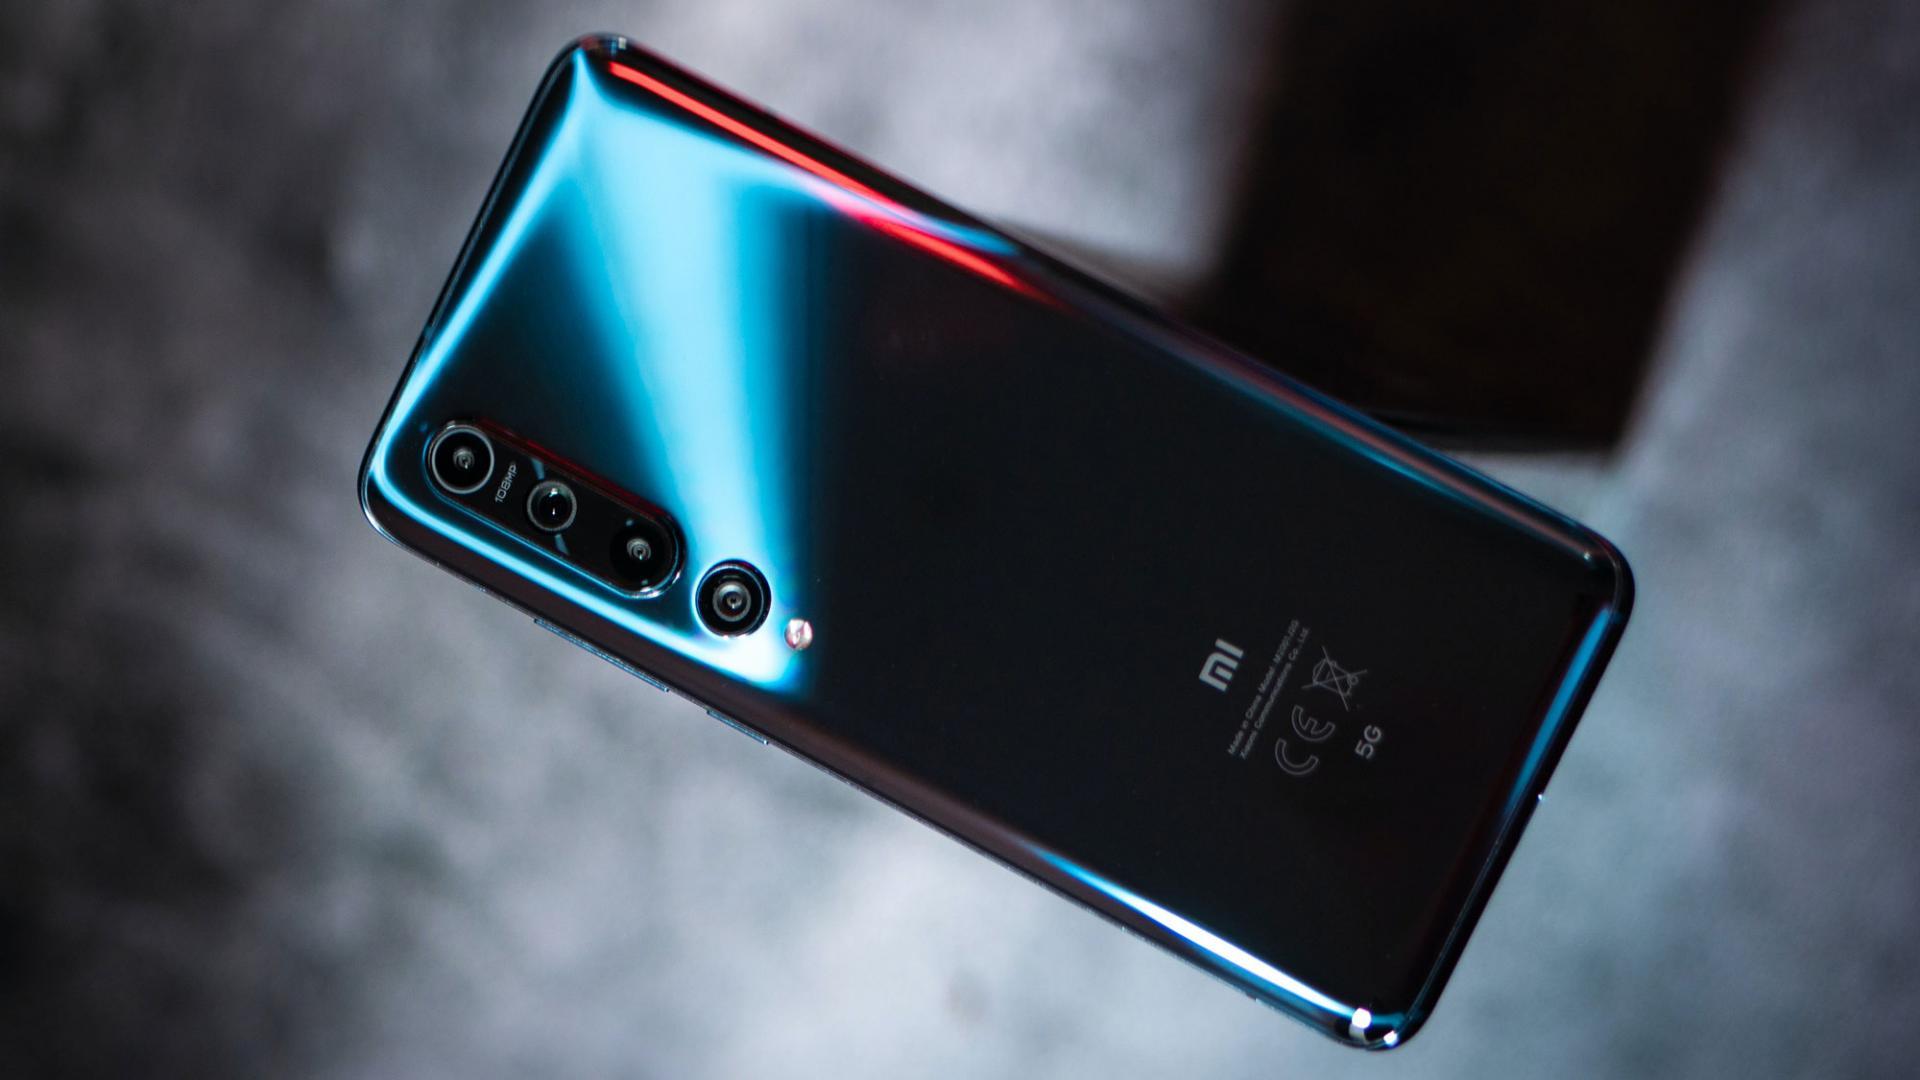 90 или 60 Гц для экрана смартфона? Как это влияет на время работы? На примере Xiaomi Mi 10 Pro